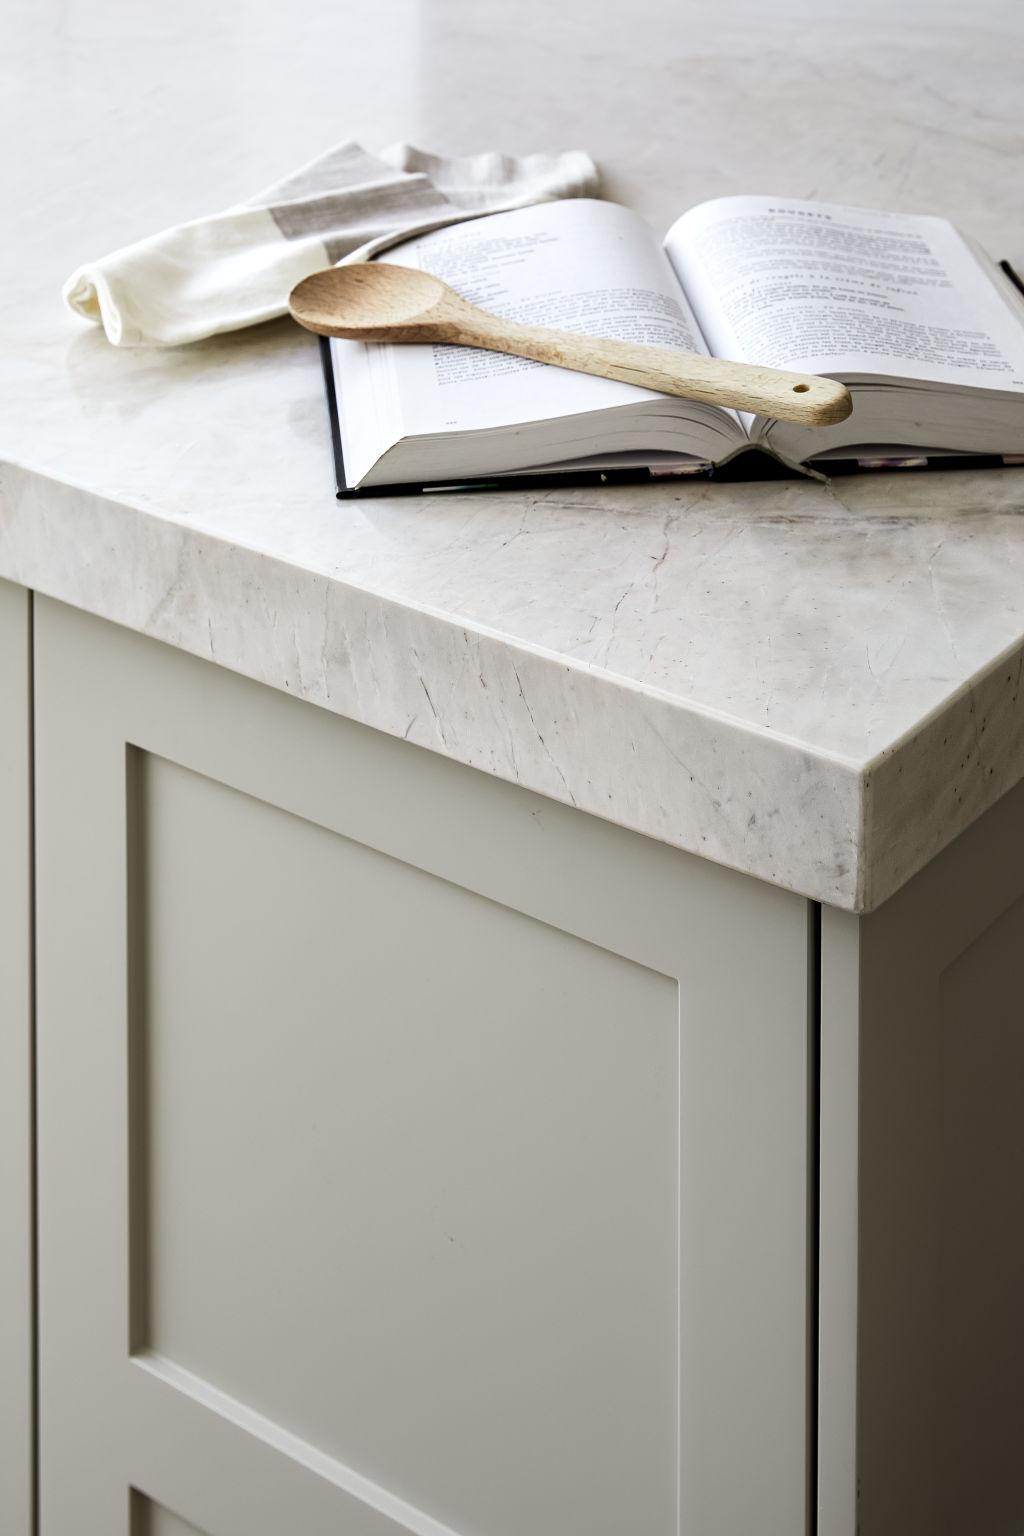 Kitchen_-_Stone_benchtop_-_Harper_Lane_Design_-_Photographed_by_Ryan_Linnegar_uzntx1